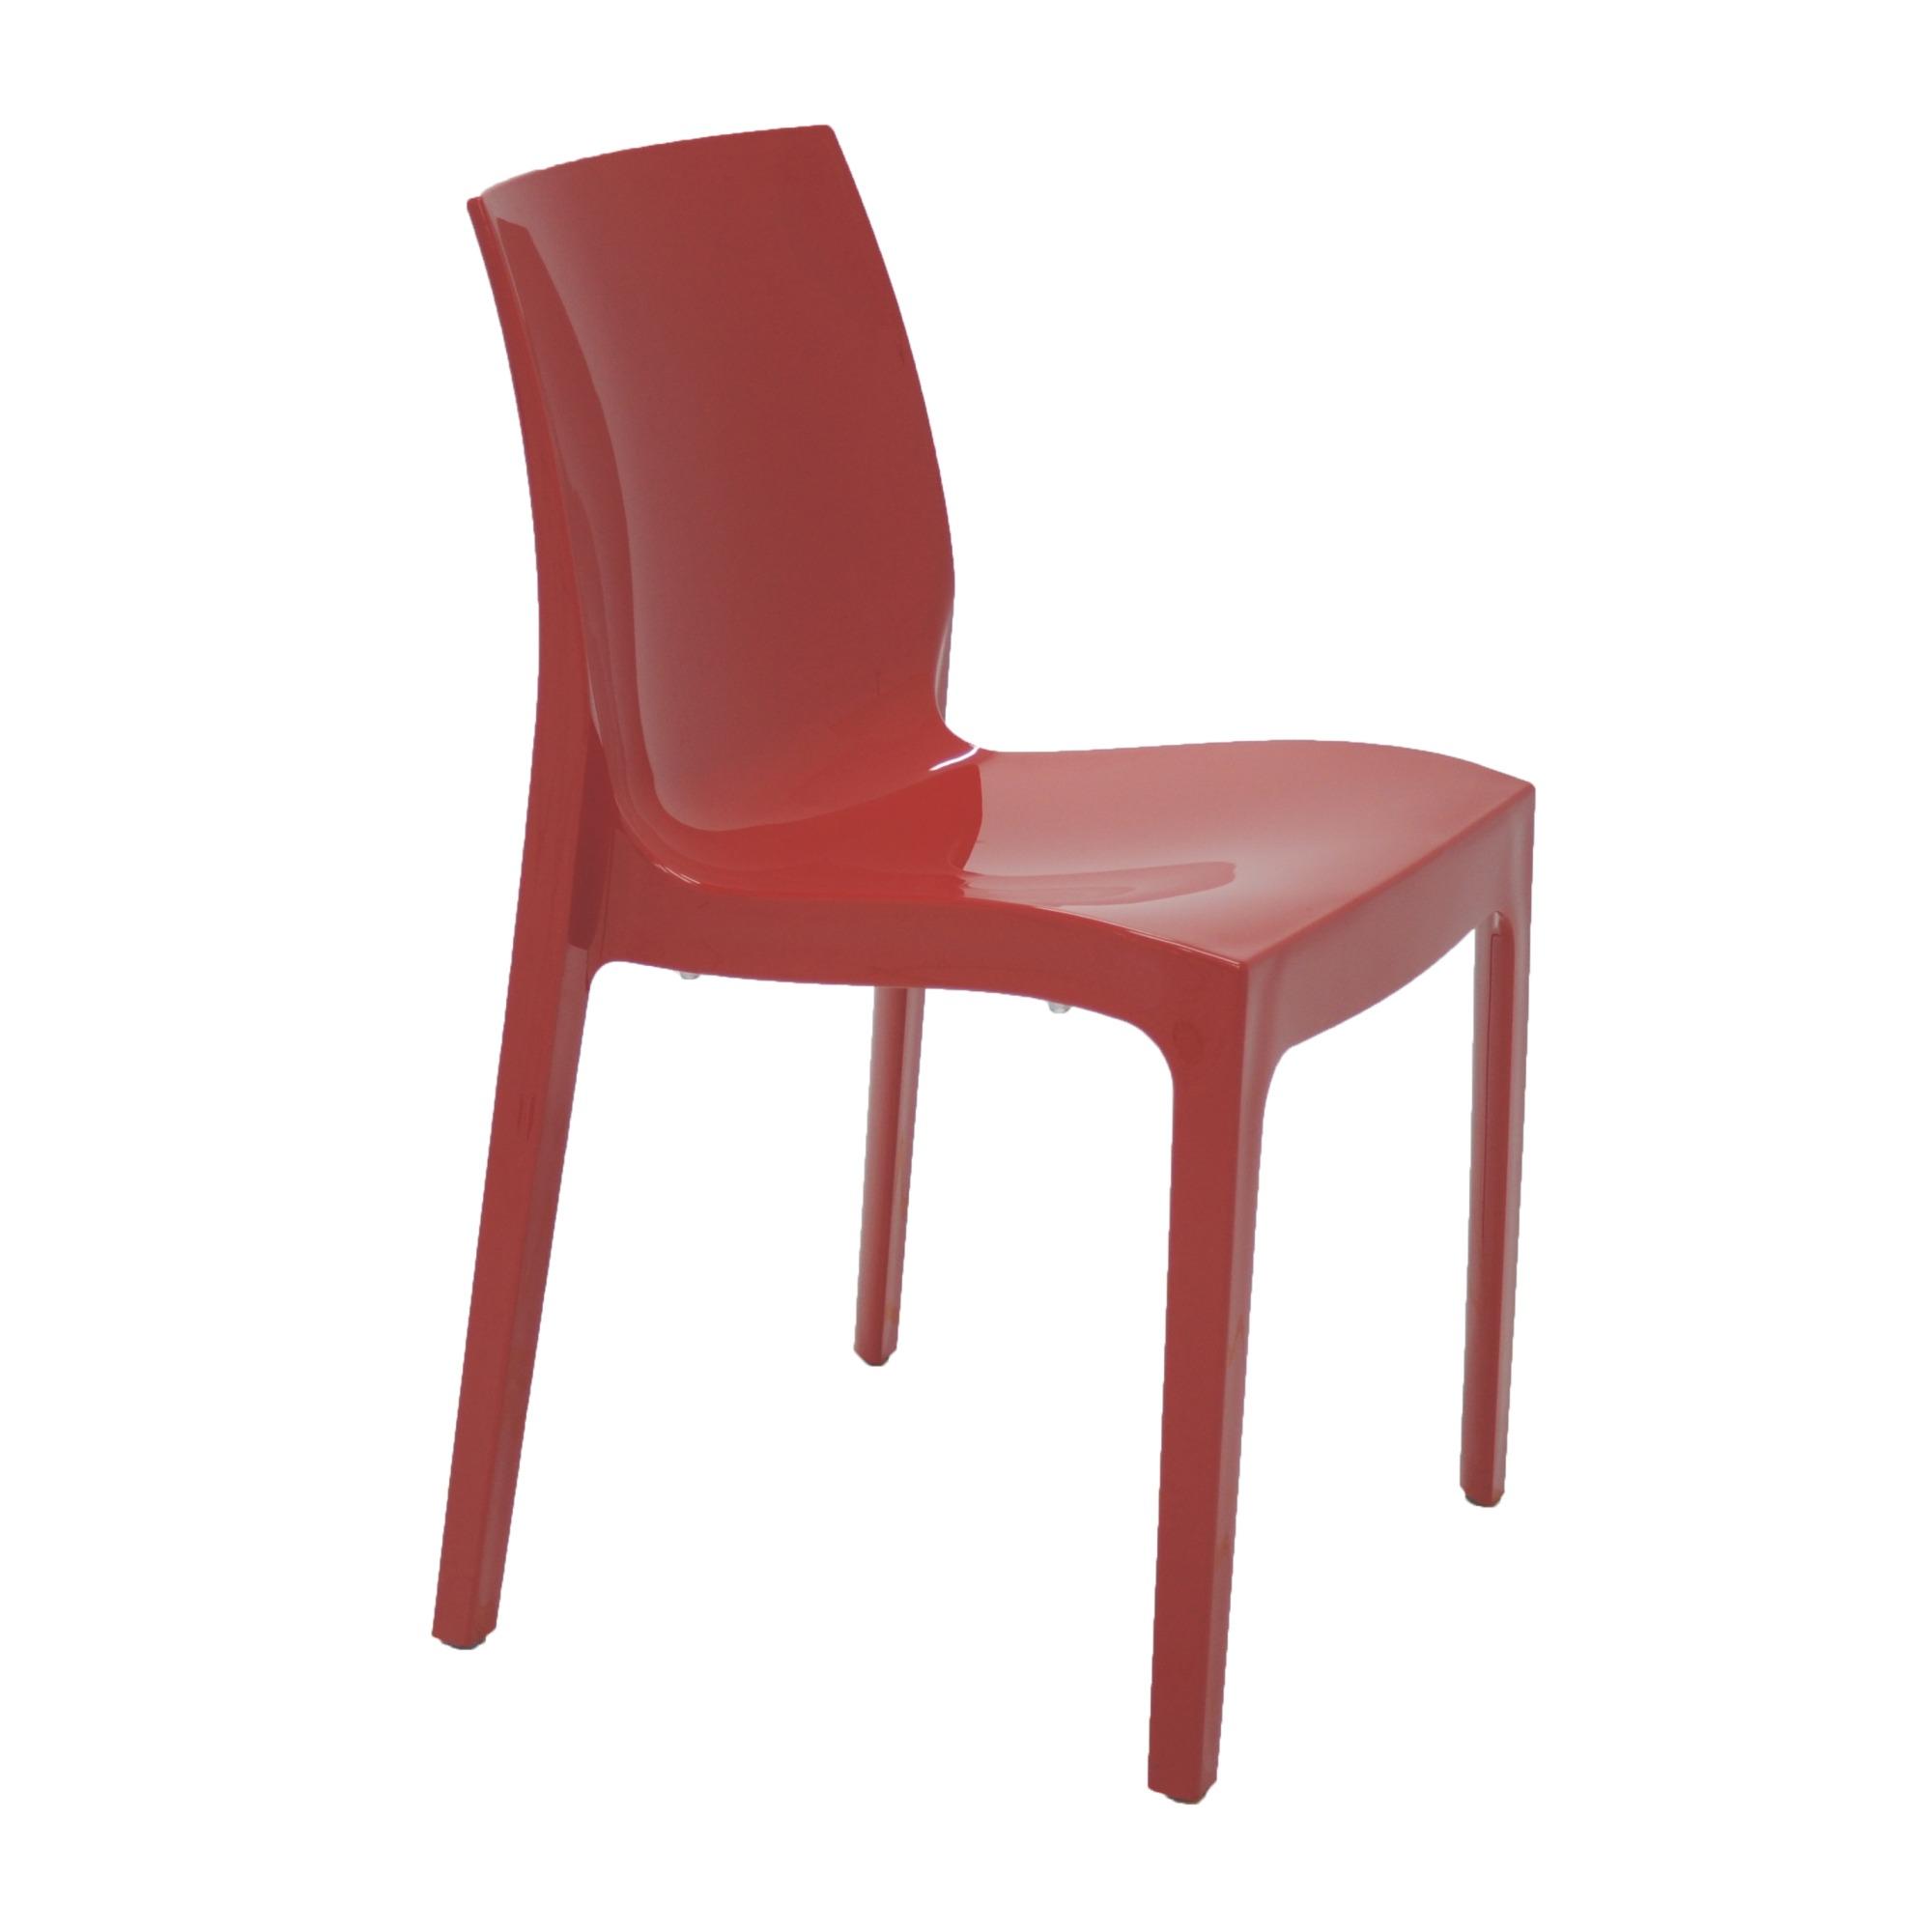 Cadeira Tramontina Vermelha Alice em Polipropileno com Encosto